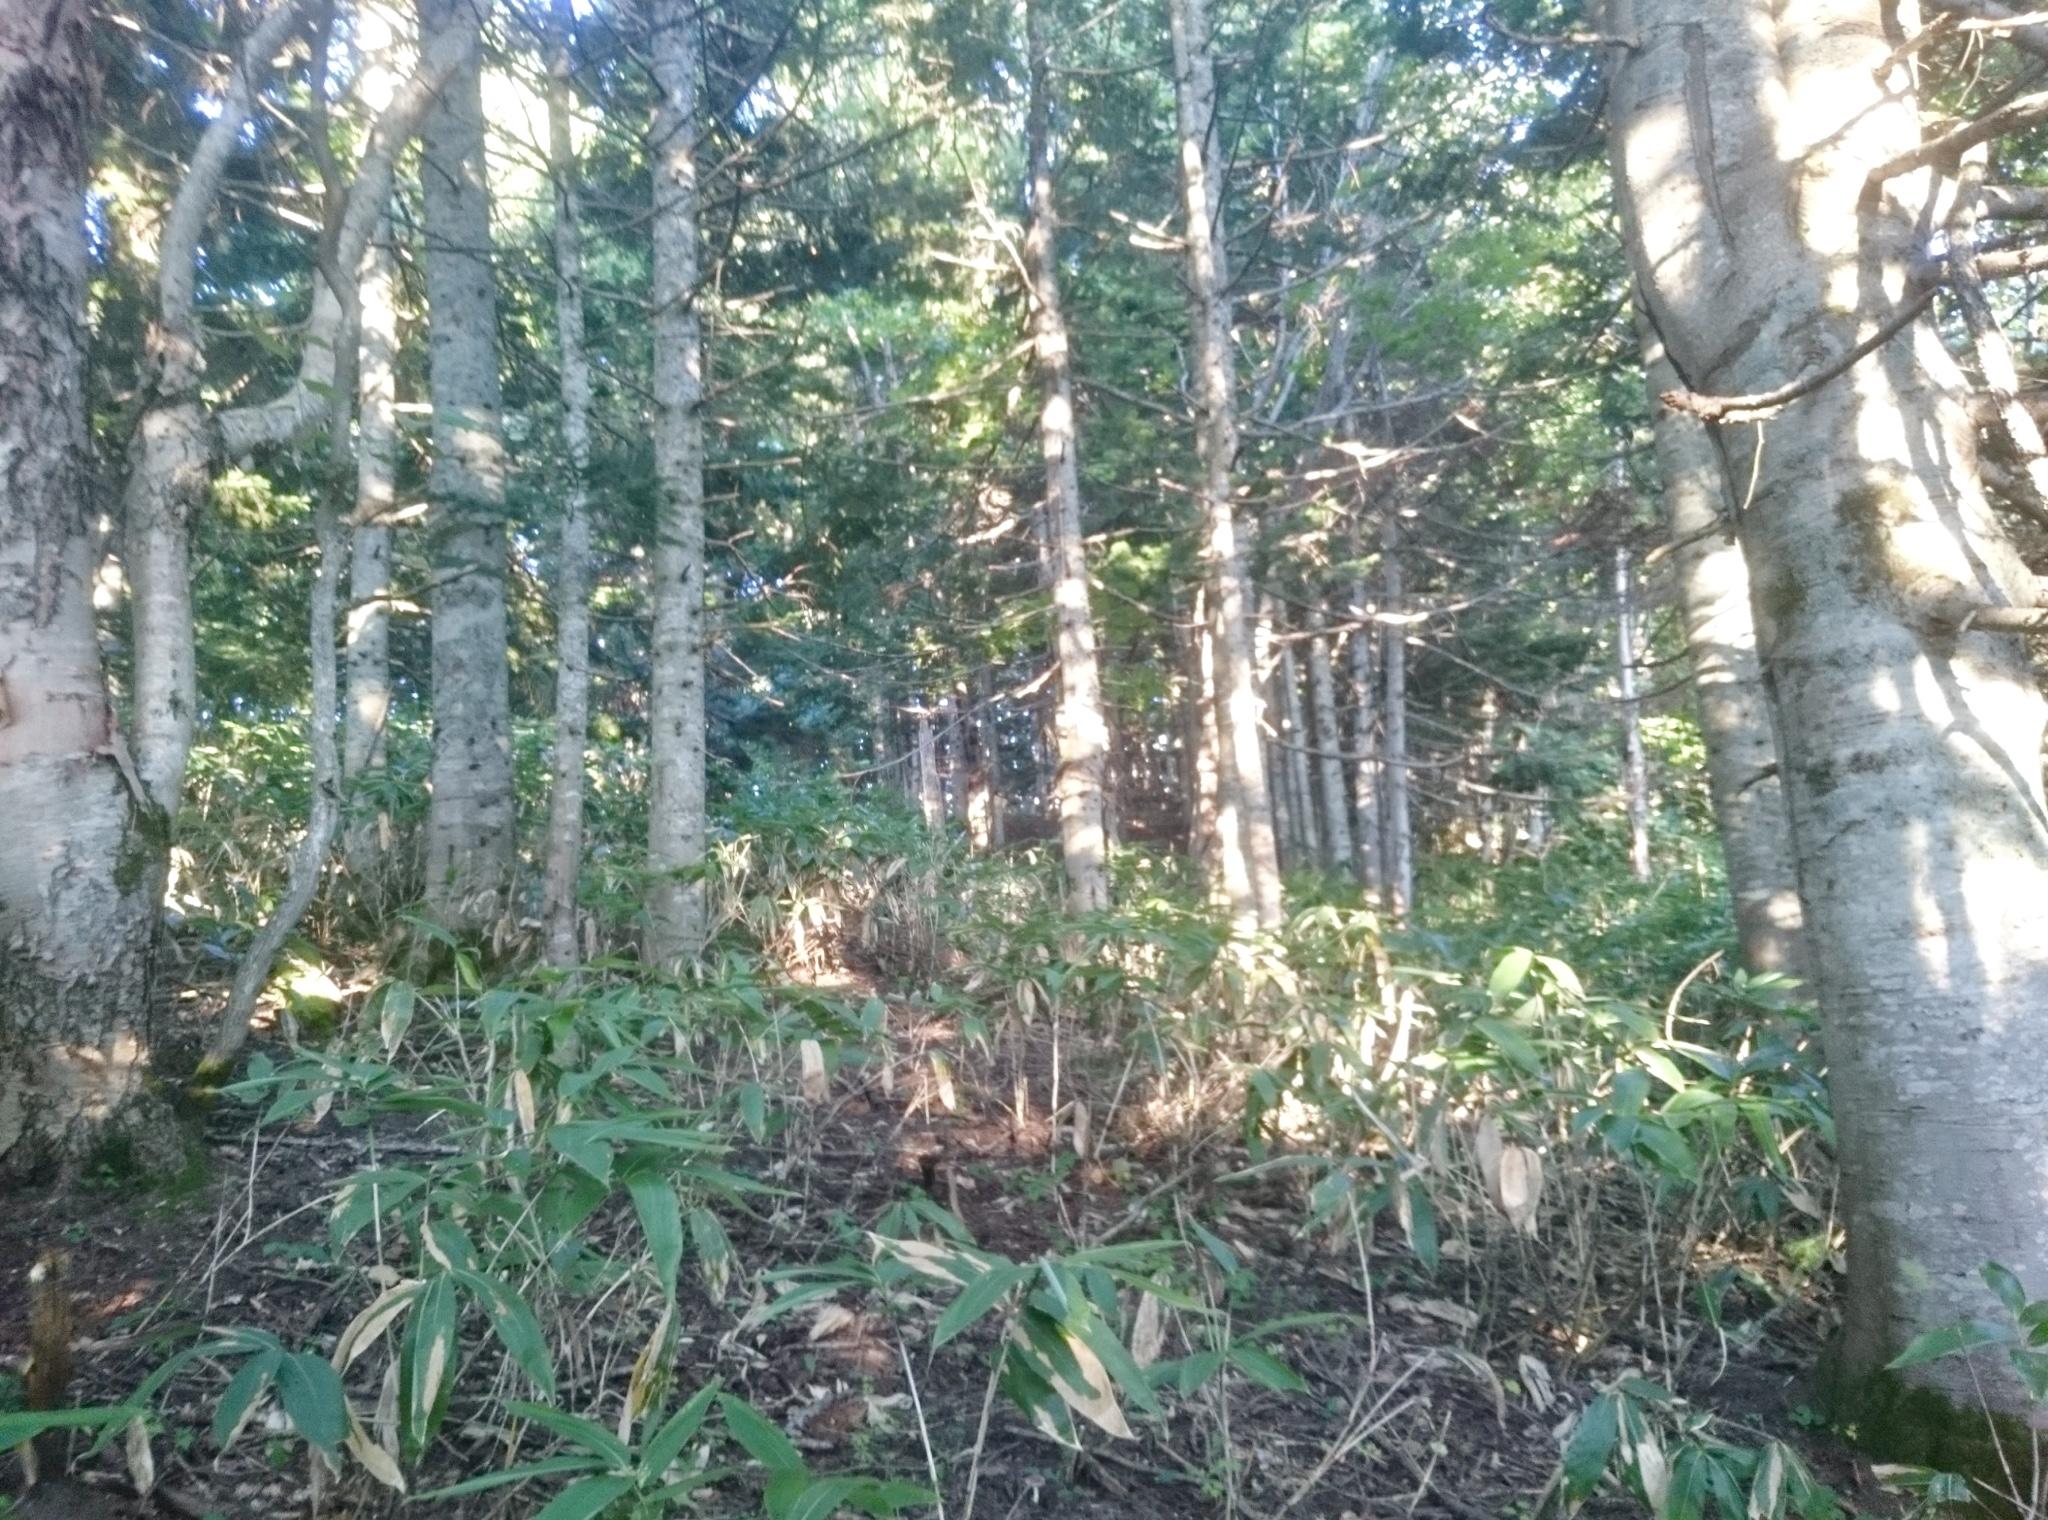 200万円  ニセコやルスツと隣接する北海道虻田郡喜茂別町字栄に所在する実測1万7500坪の普通林。